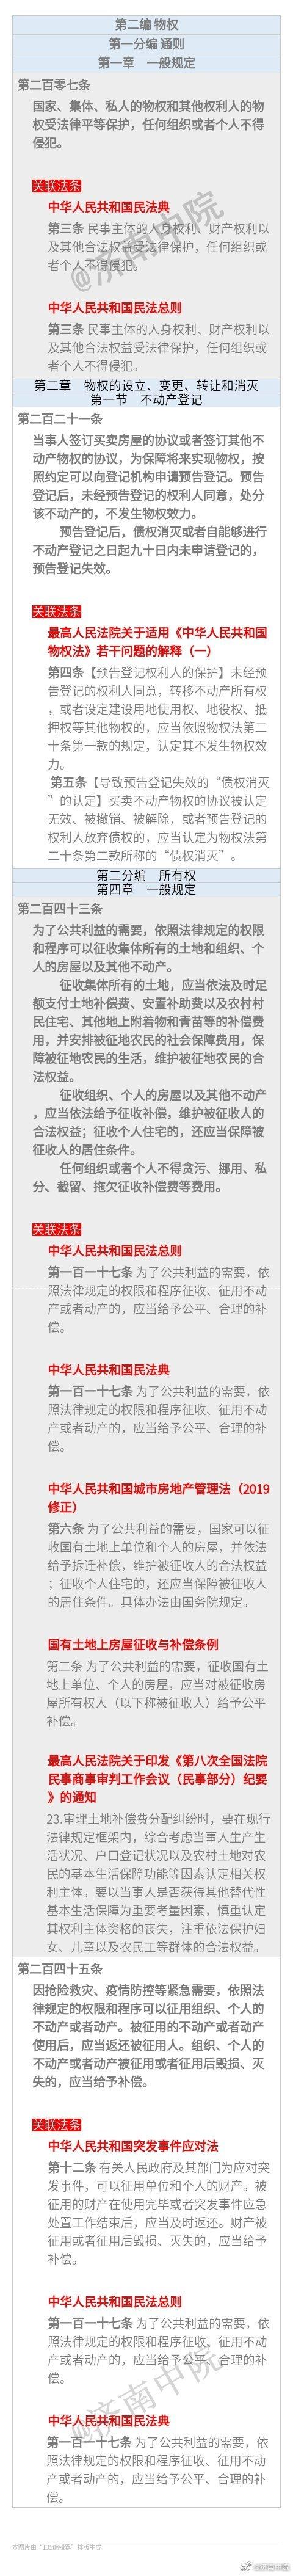 民法典核心条文相关法条一览表之二:物权编